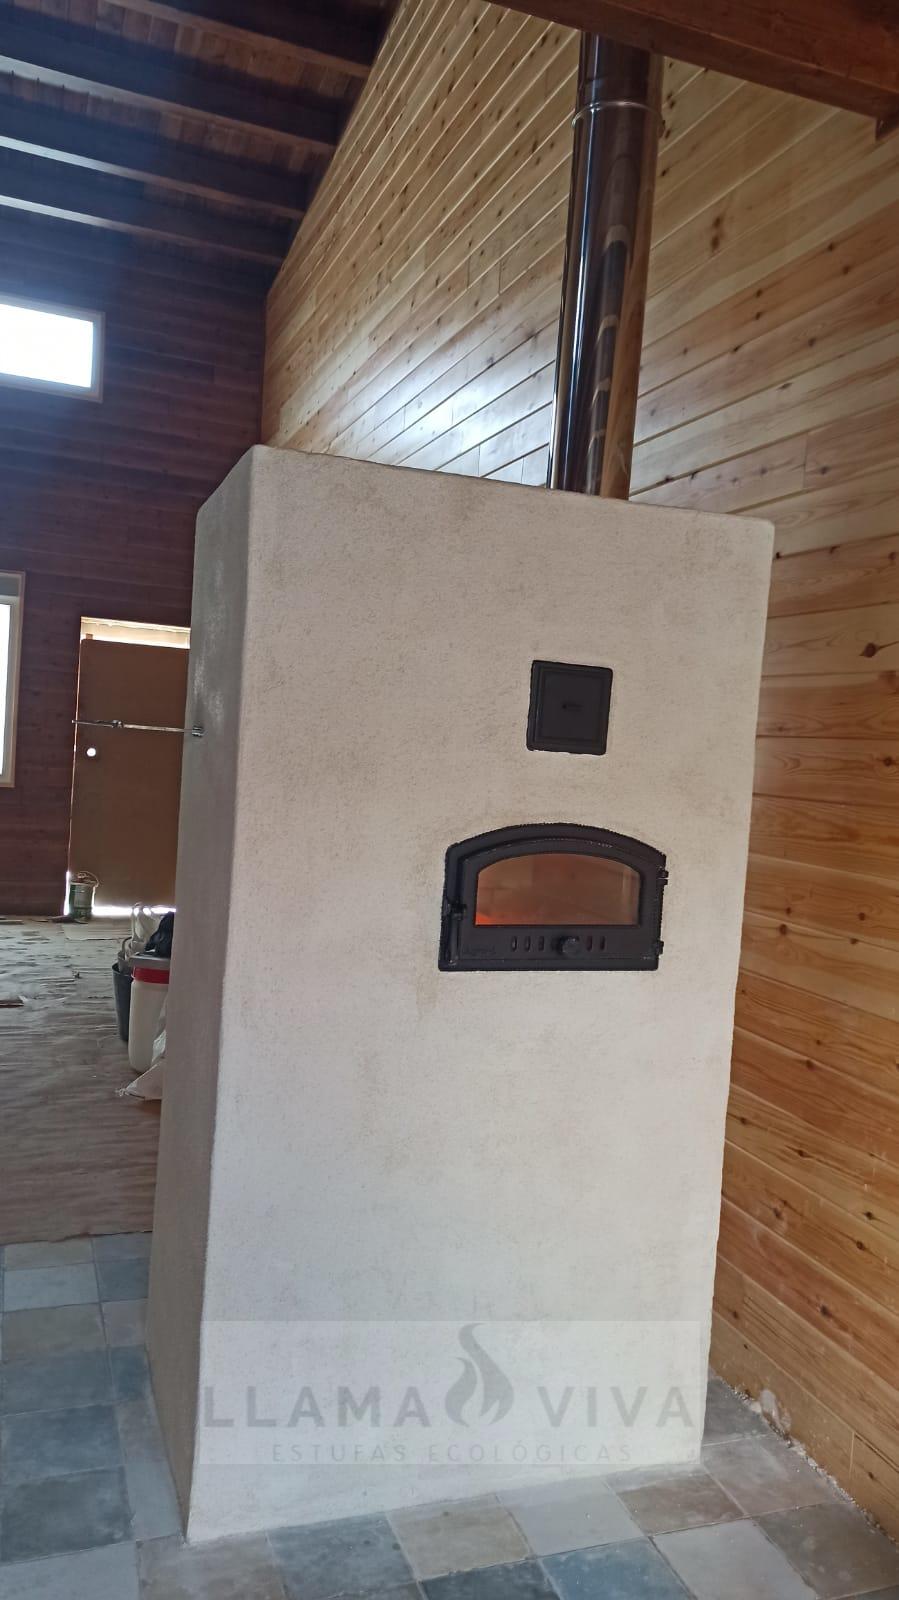 Estufa de Doble Campana con Horno al lado contrario 2